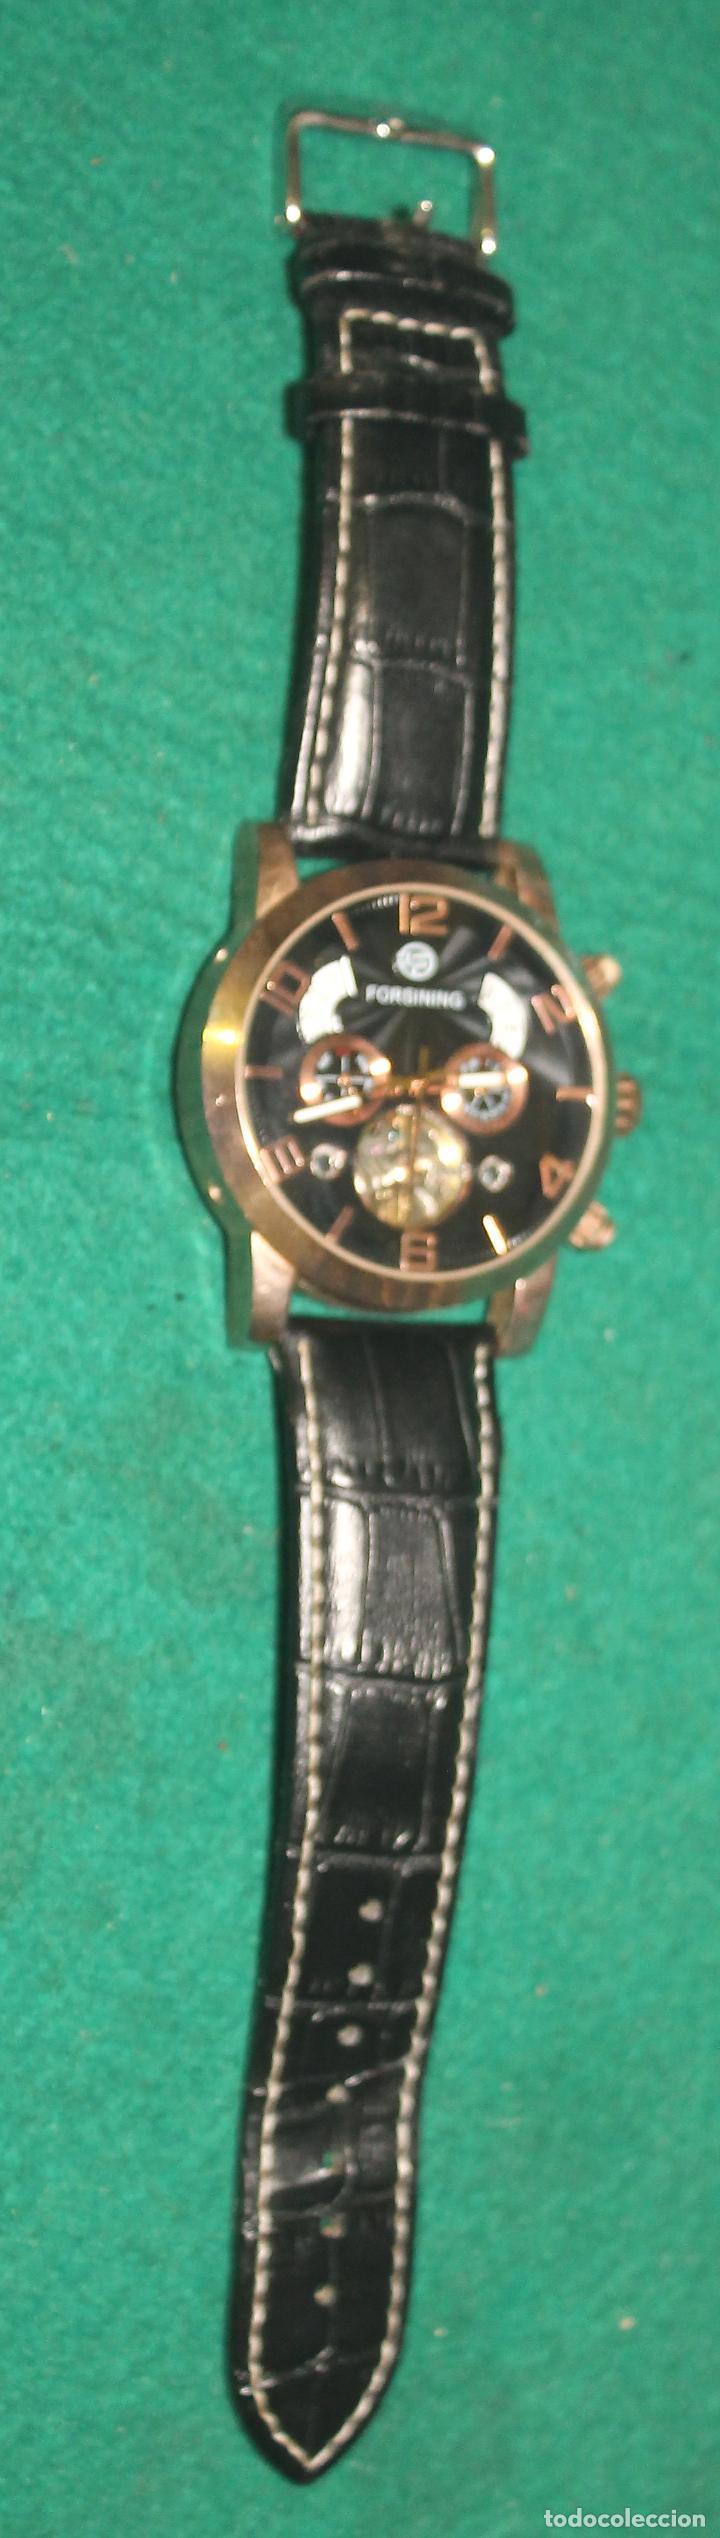 Relojes automáticos: RELOJ DE PULSERA, AUTOMATICO, FORSING (D14) - Foto 4 - 195315277